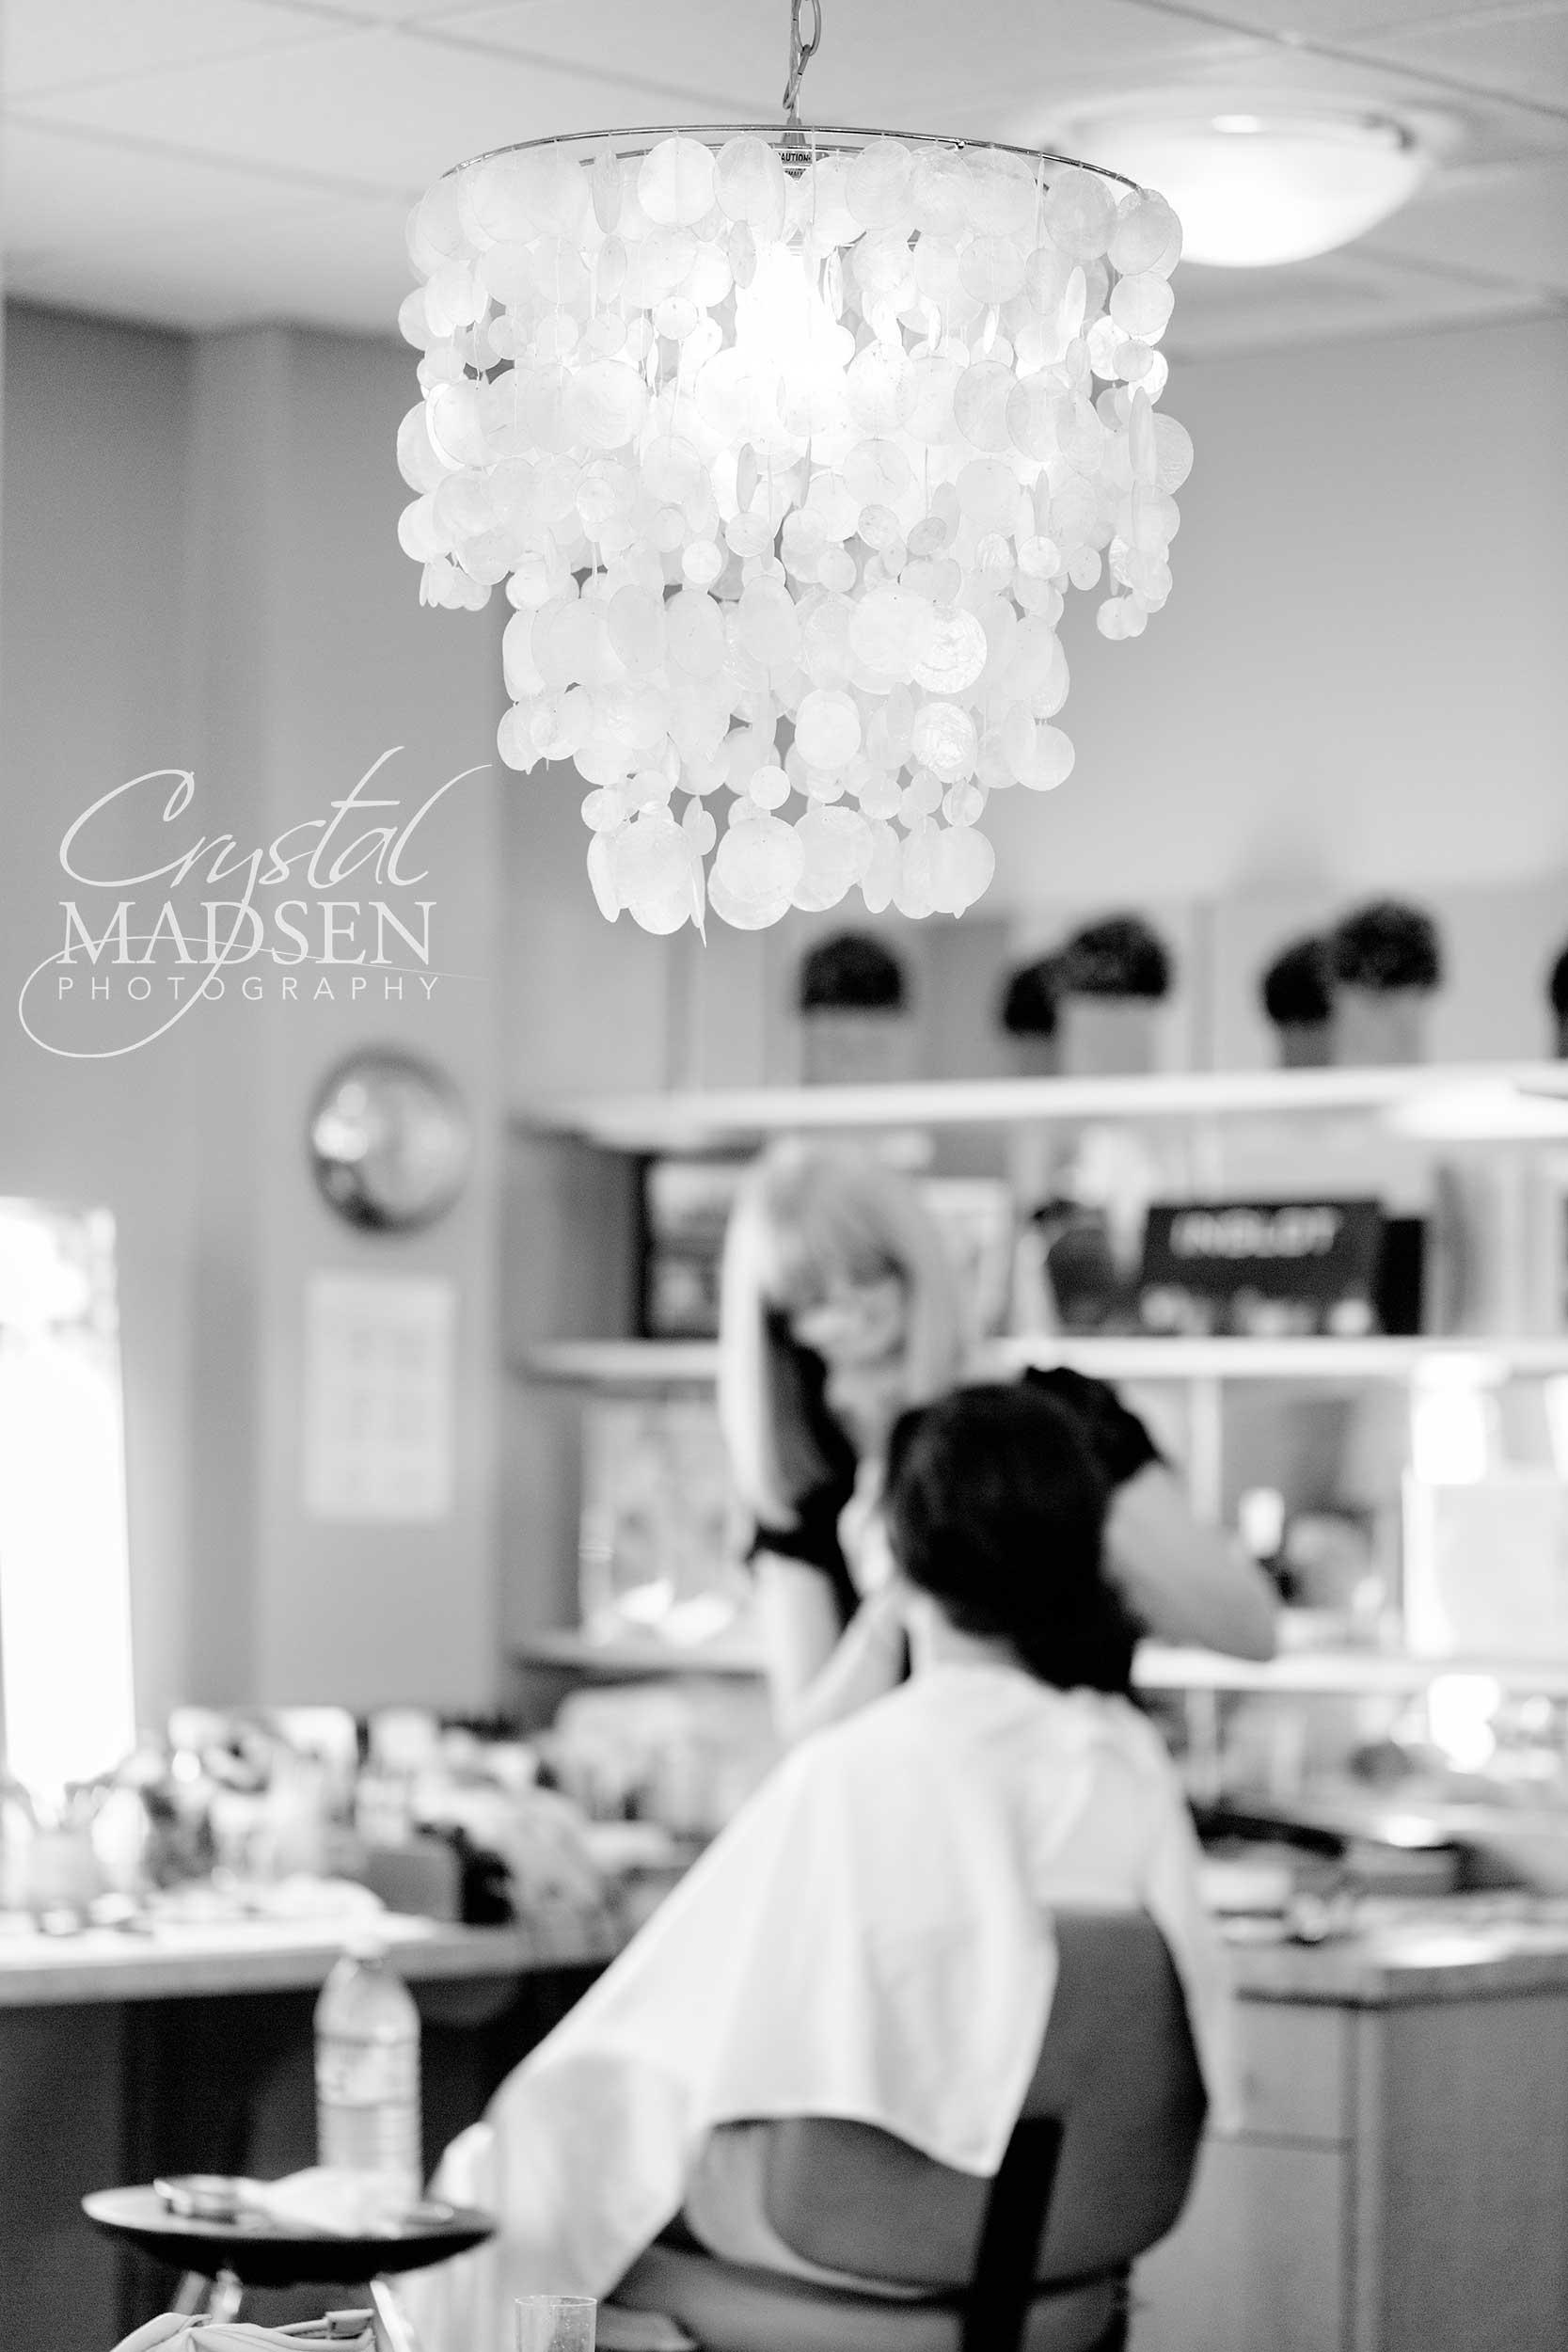 Wedding photography spokane wa